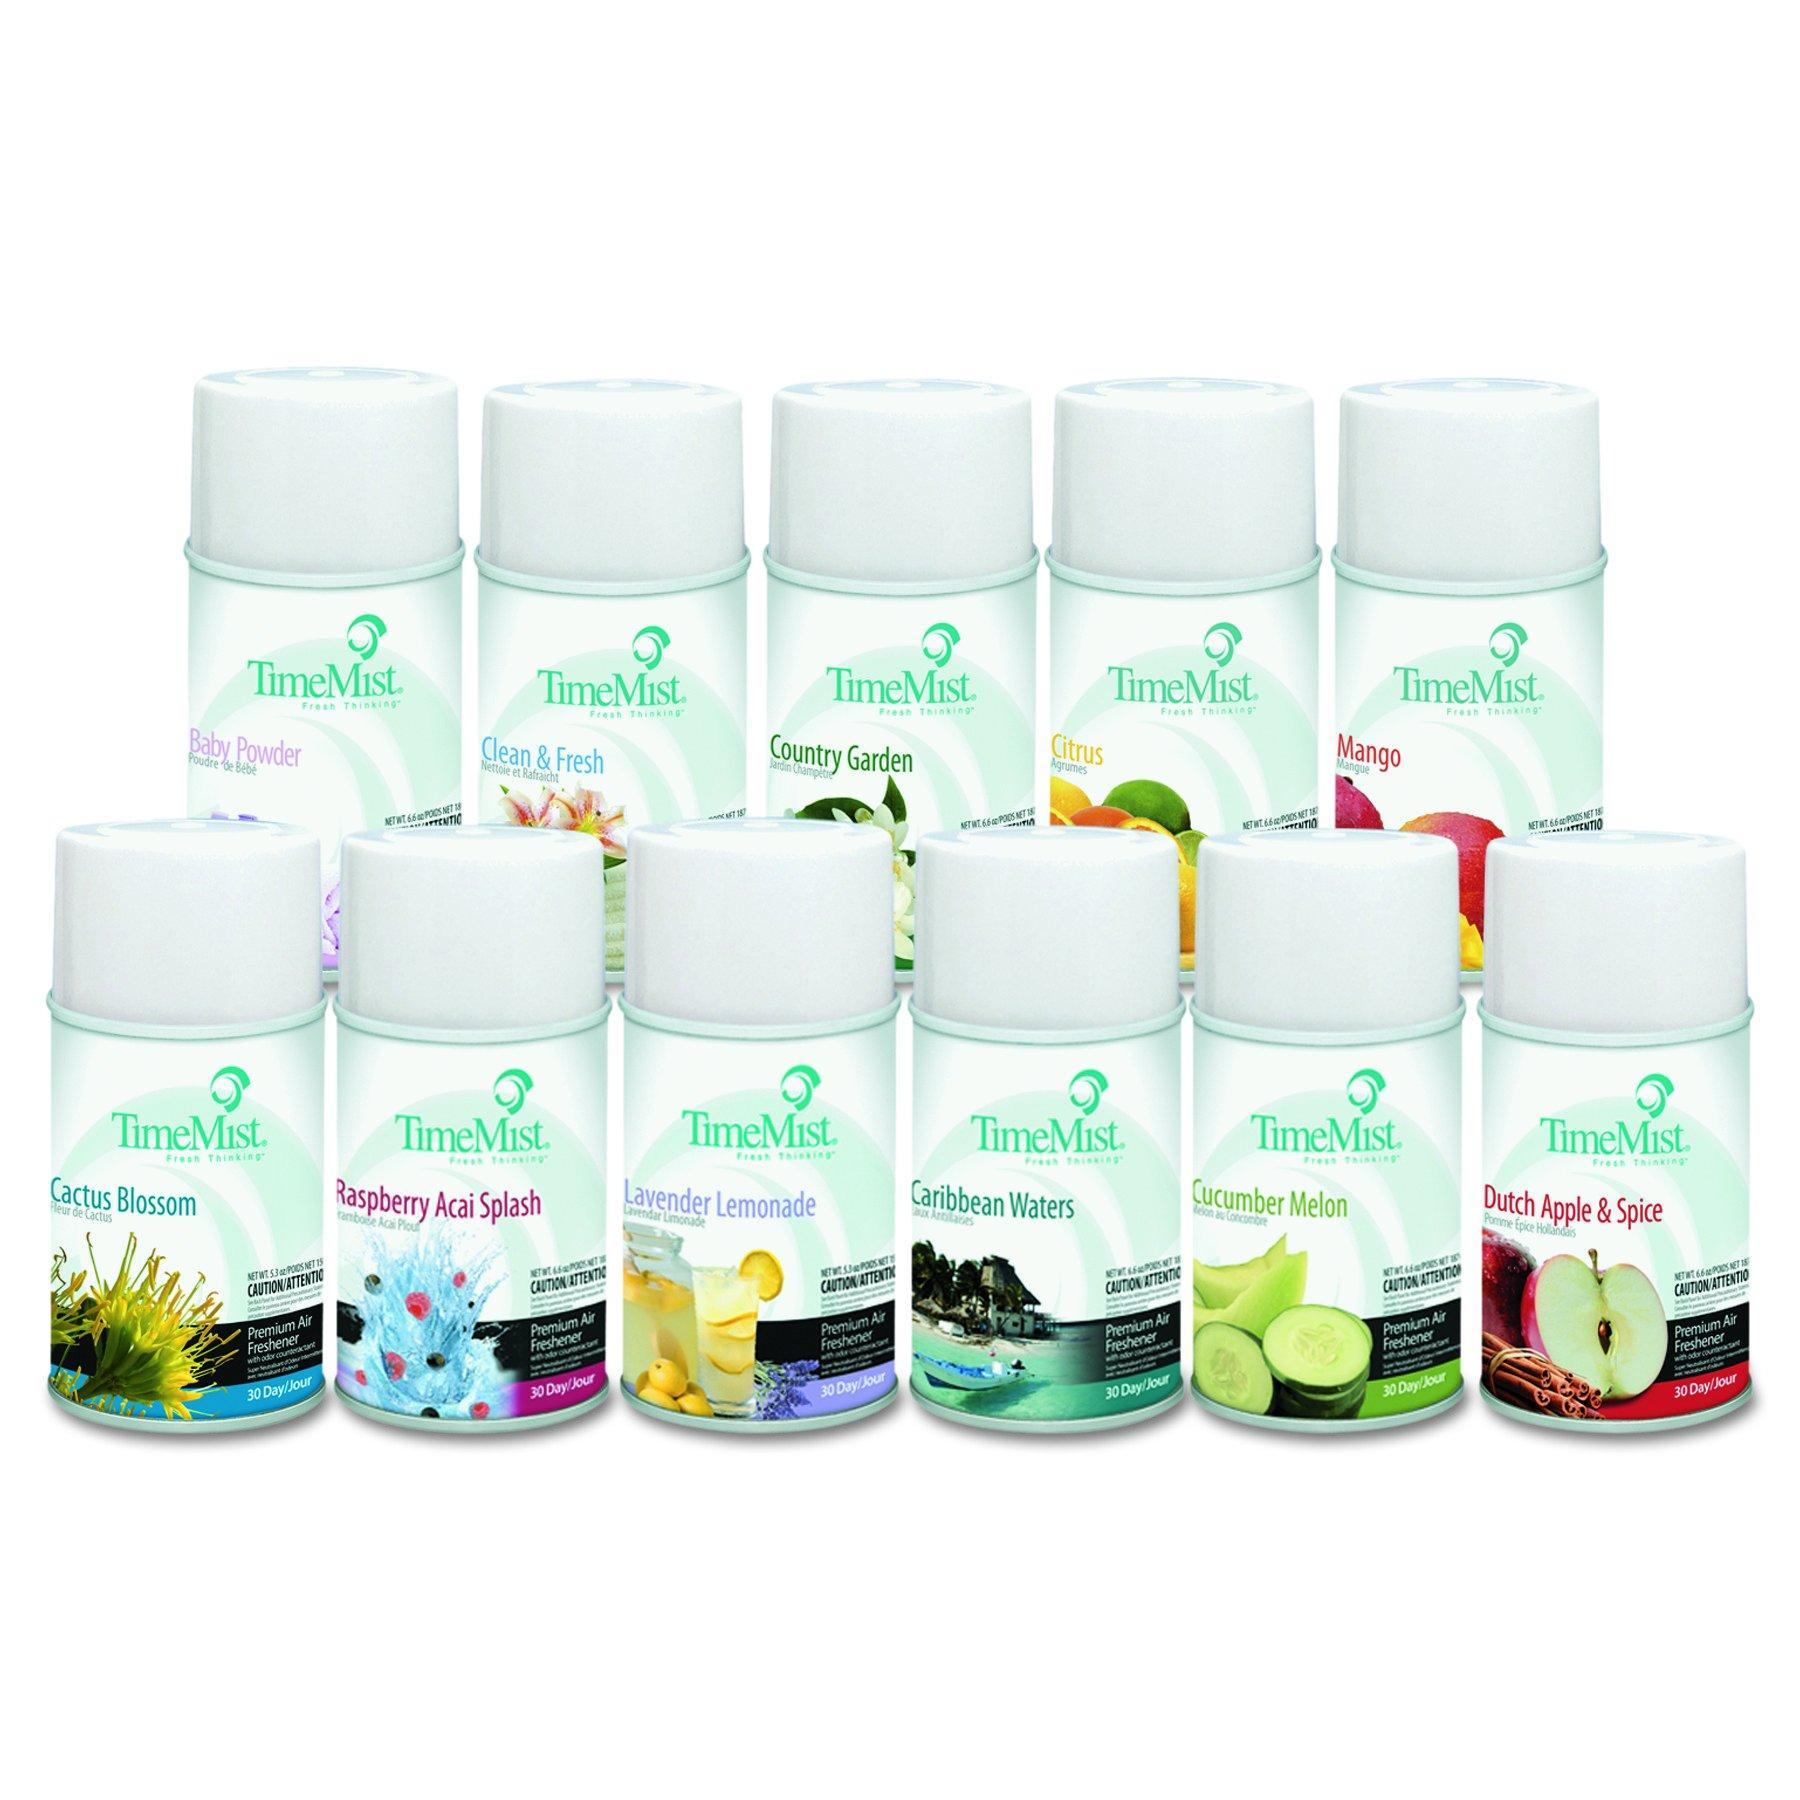 TimeMist 1043978 Fragrance Dispenser Refills, Assorted Fragrances, 6.6oz (Case of 12)